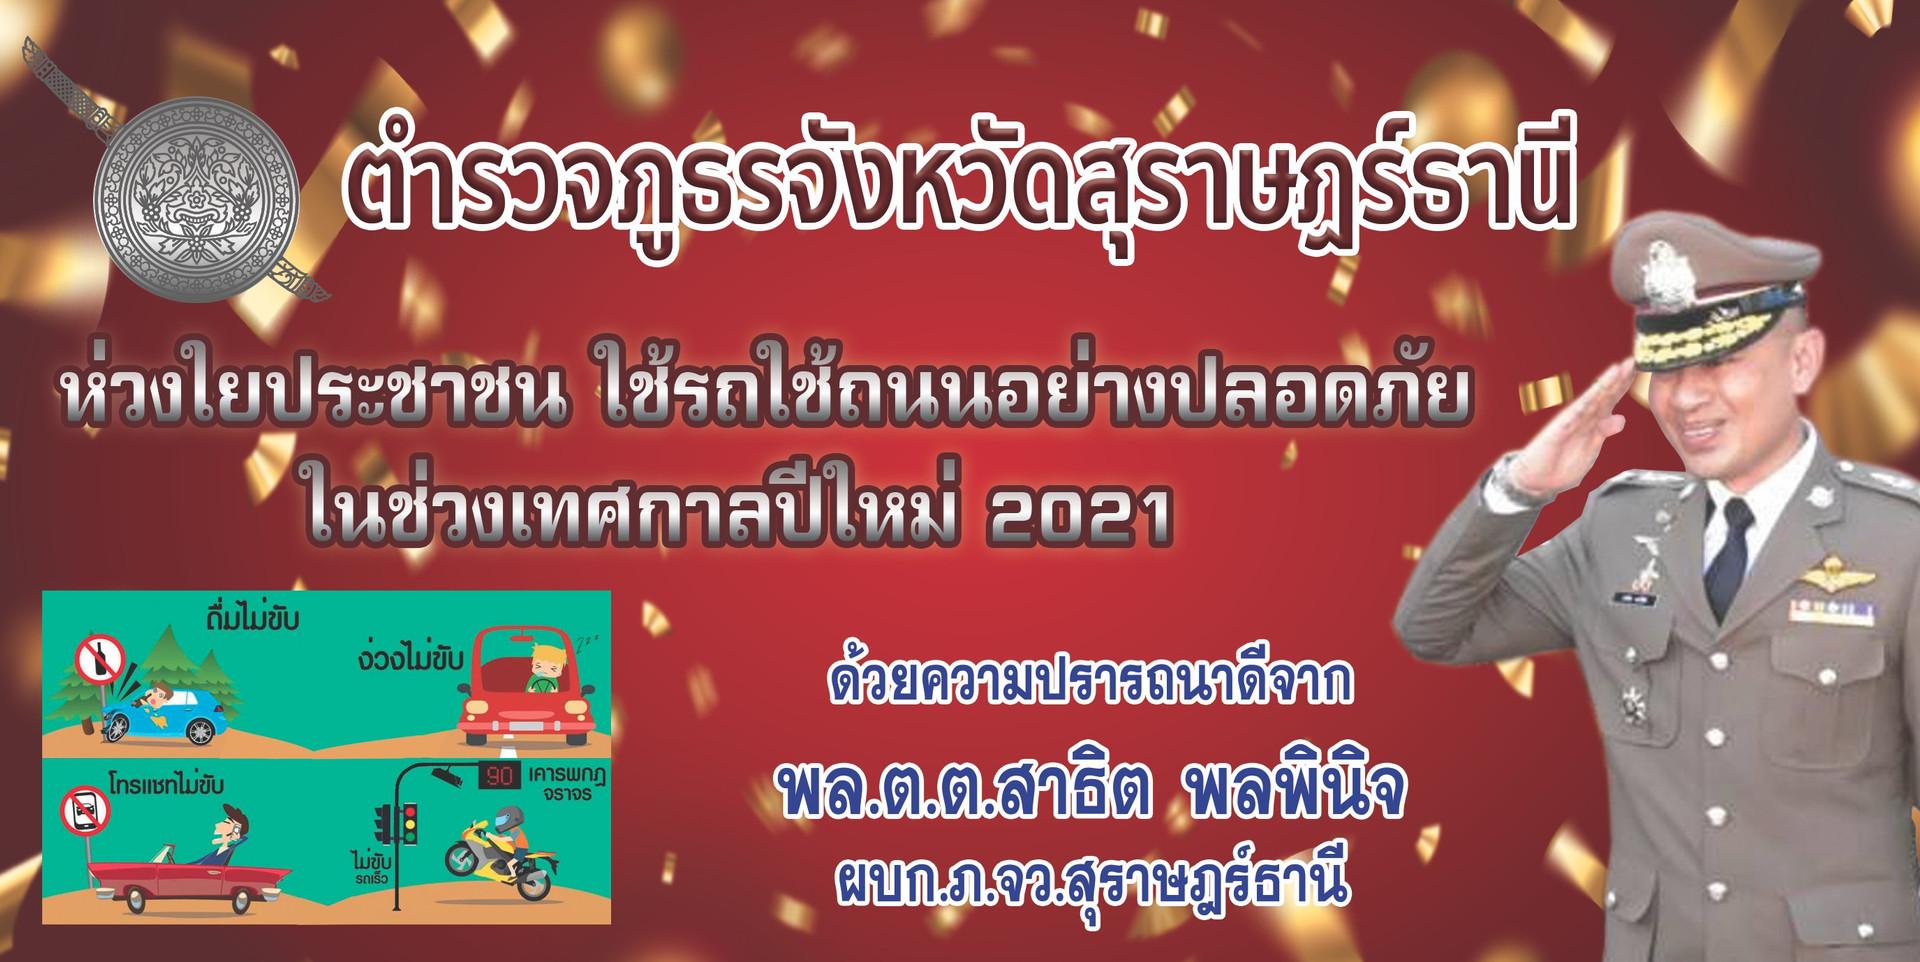 messageImage_010164.jpg